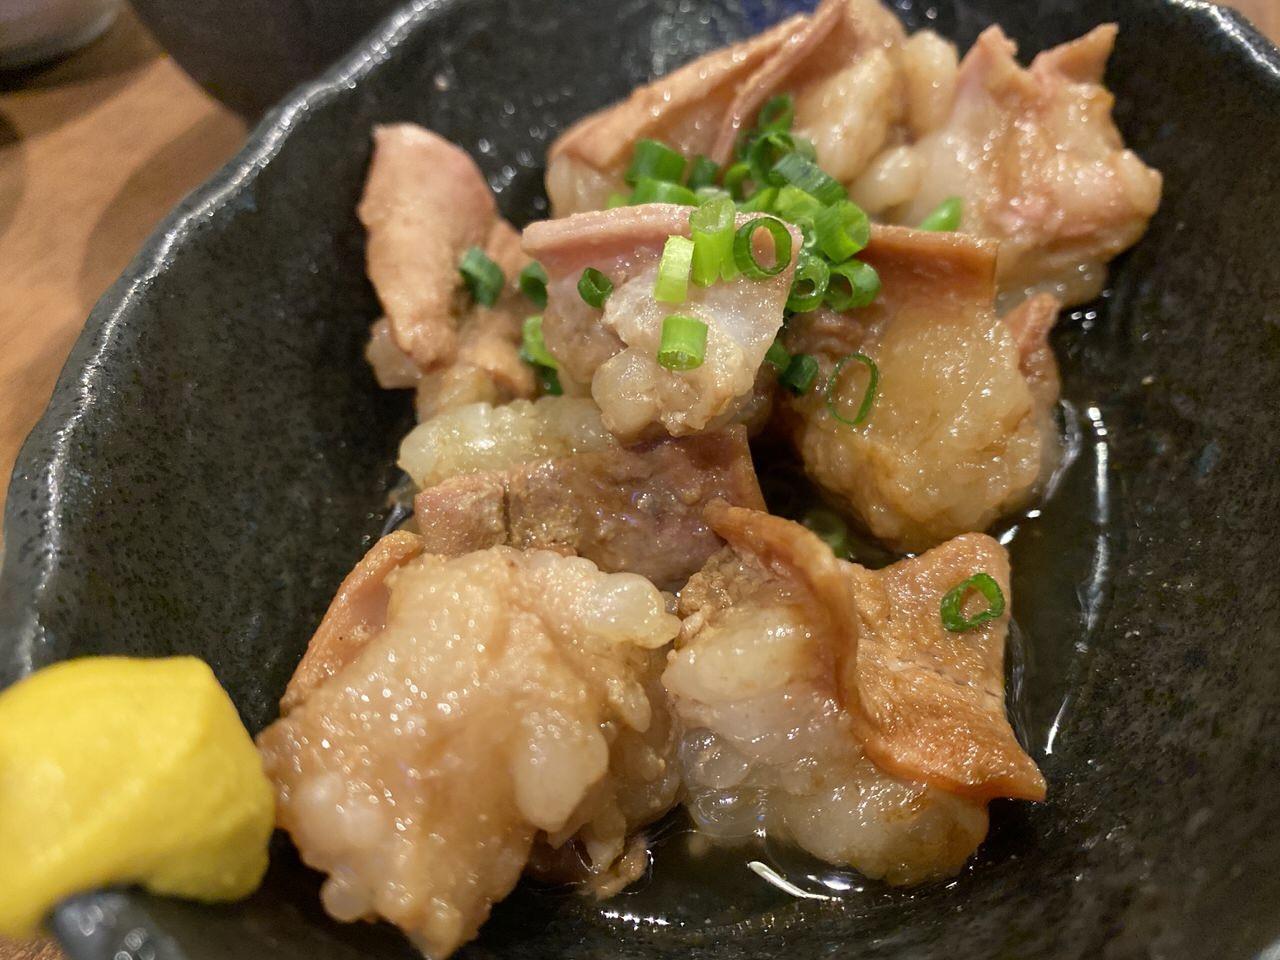 「秋葉原 肉寿司」20